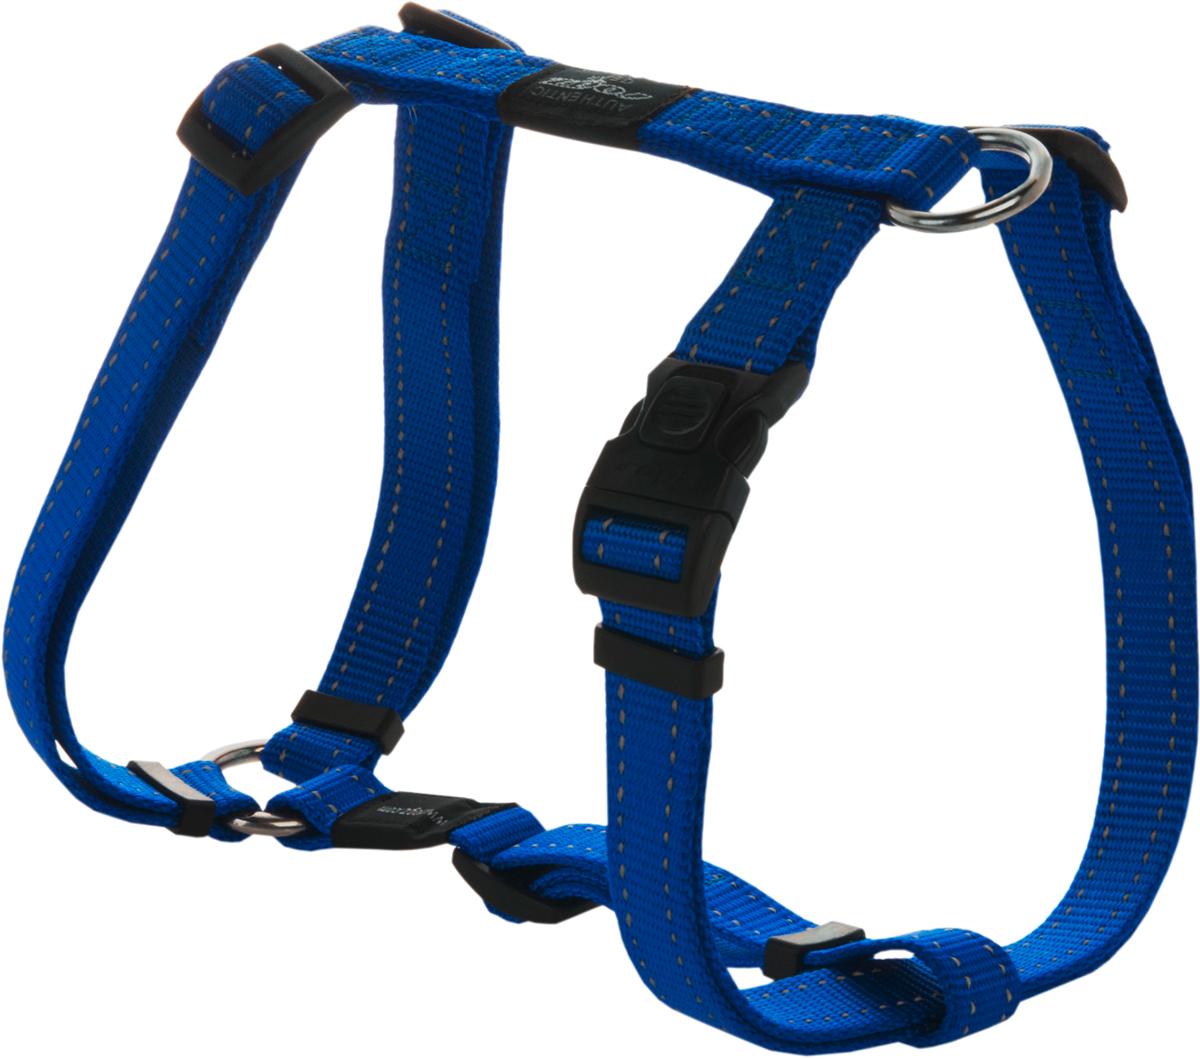 Шлейка для собак Rogz Utility, цвет: синий, ширина 2 см. Размер LSJ06BШлейка для собак Rogz Utility со светоотражающей нитью, вплетенной в нейлоновую ленту, обеспечивает лучшую видимость собаки в темное время суток. Специальная конструкция пряжки Rog Loc - очень крепкая (система Fort Knox). Замок может быть расстегнут только рукой человека. Технология распределения нагрузки позволяет снизить нагрузку на пряжки, изготовленные из титанового пластика, с помощью правильного и разумного расположения грузовых колец, благодаря чему, даже при самых сильных рывках, изделие не рвется и не деформируется.Выполненные специально по заказу ROGZ литые кольца гальванически хромированы, что позволяет избежать коррозии и потускнения изделия.